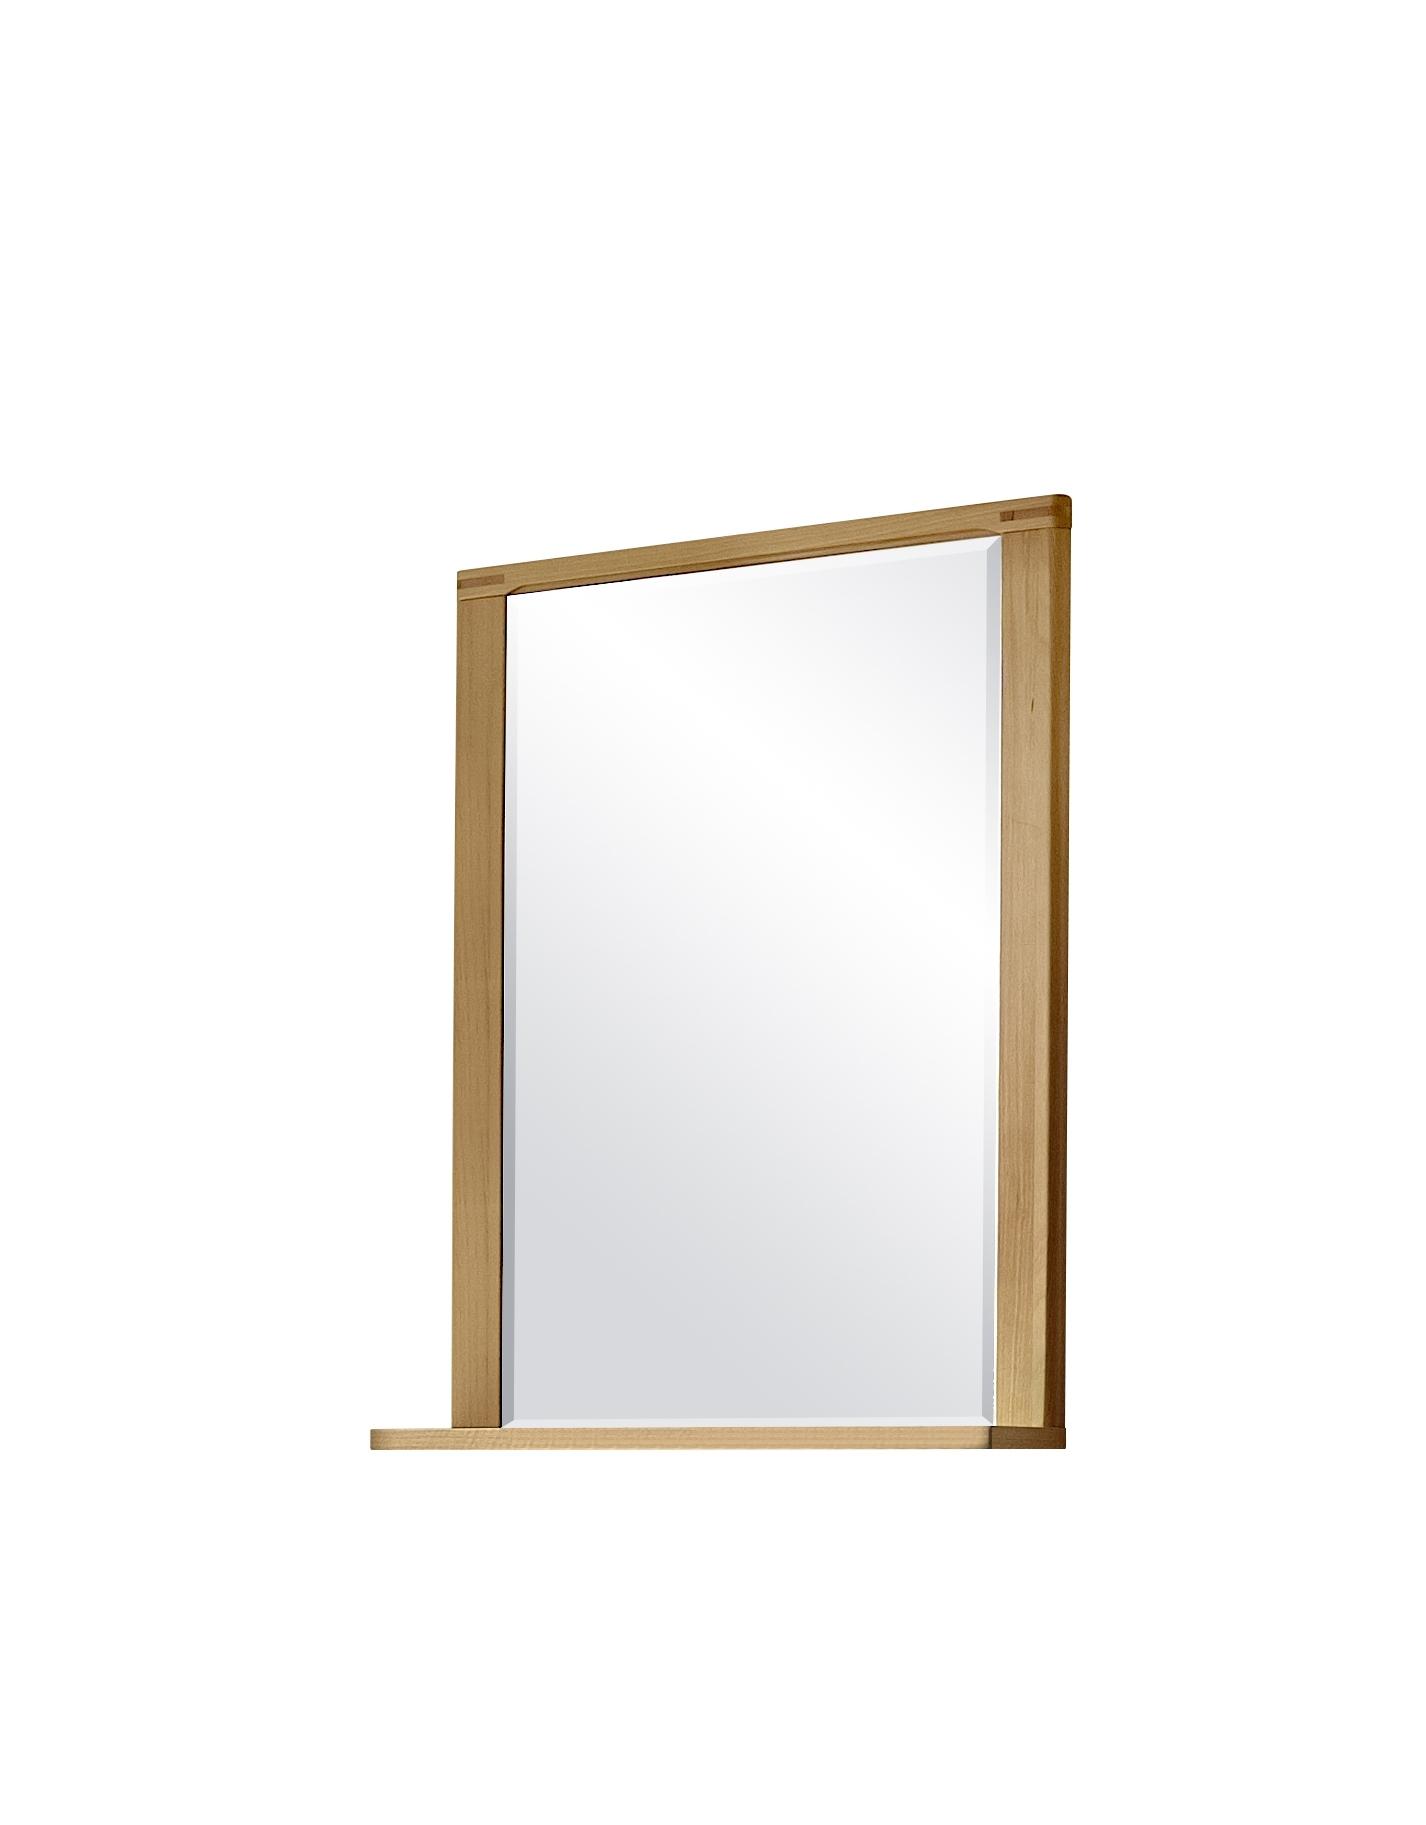 Oglinda din pal, Natur Plus, 74 x 93 cm imagine